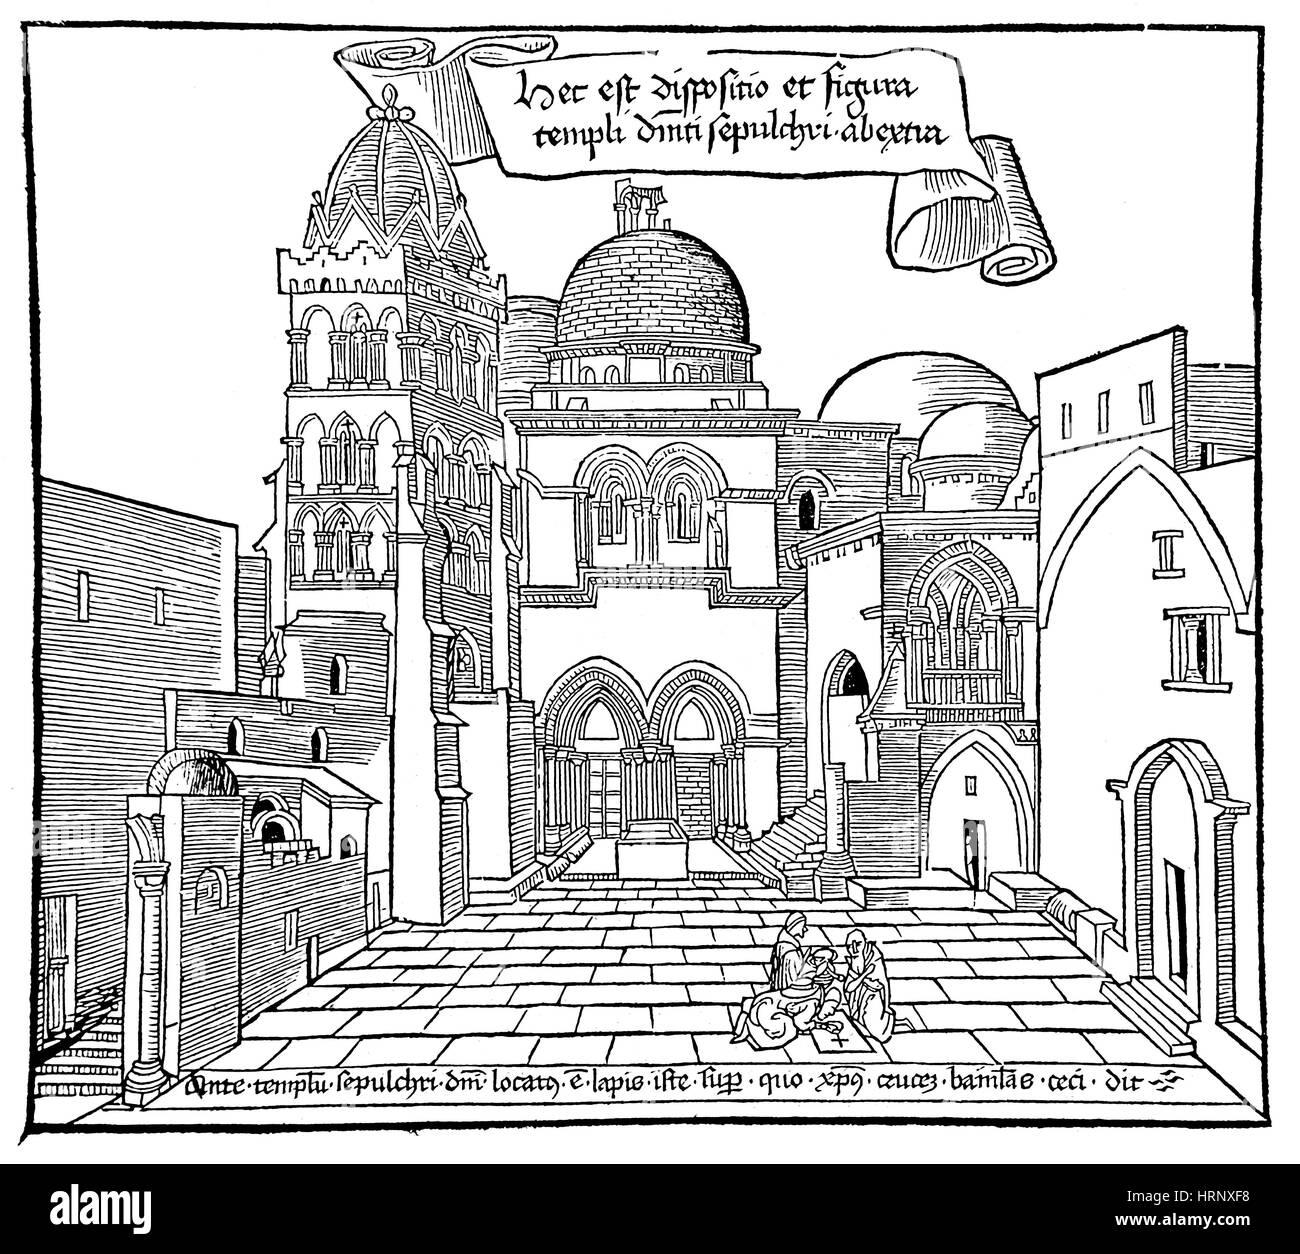 Sanctae Pereginationes, Church of the Holy Sepulchre, 1486 - Stock Image